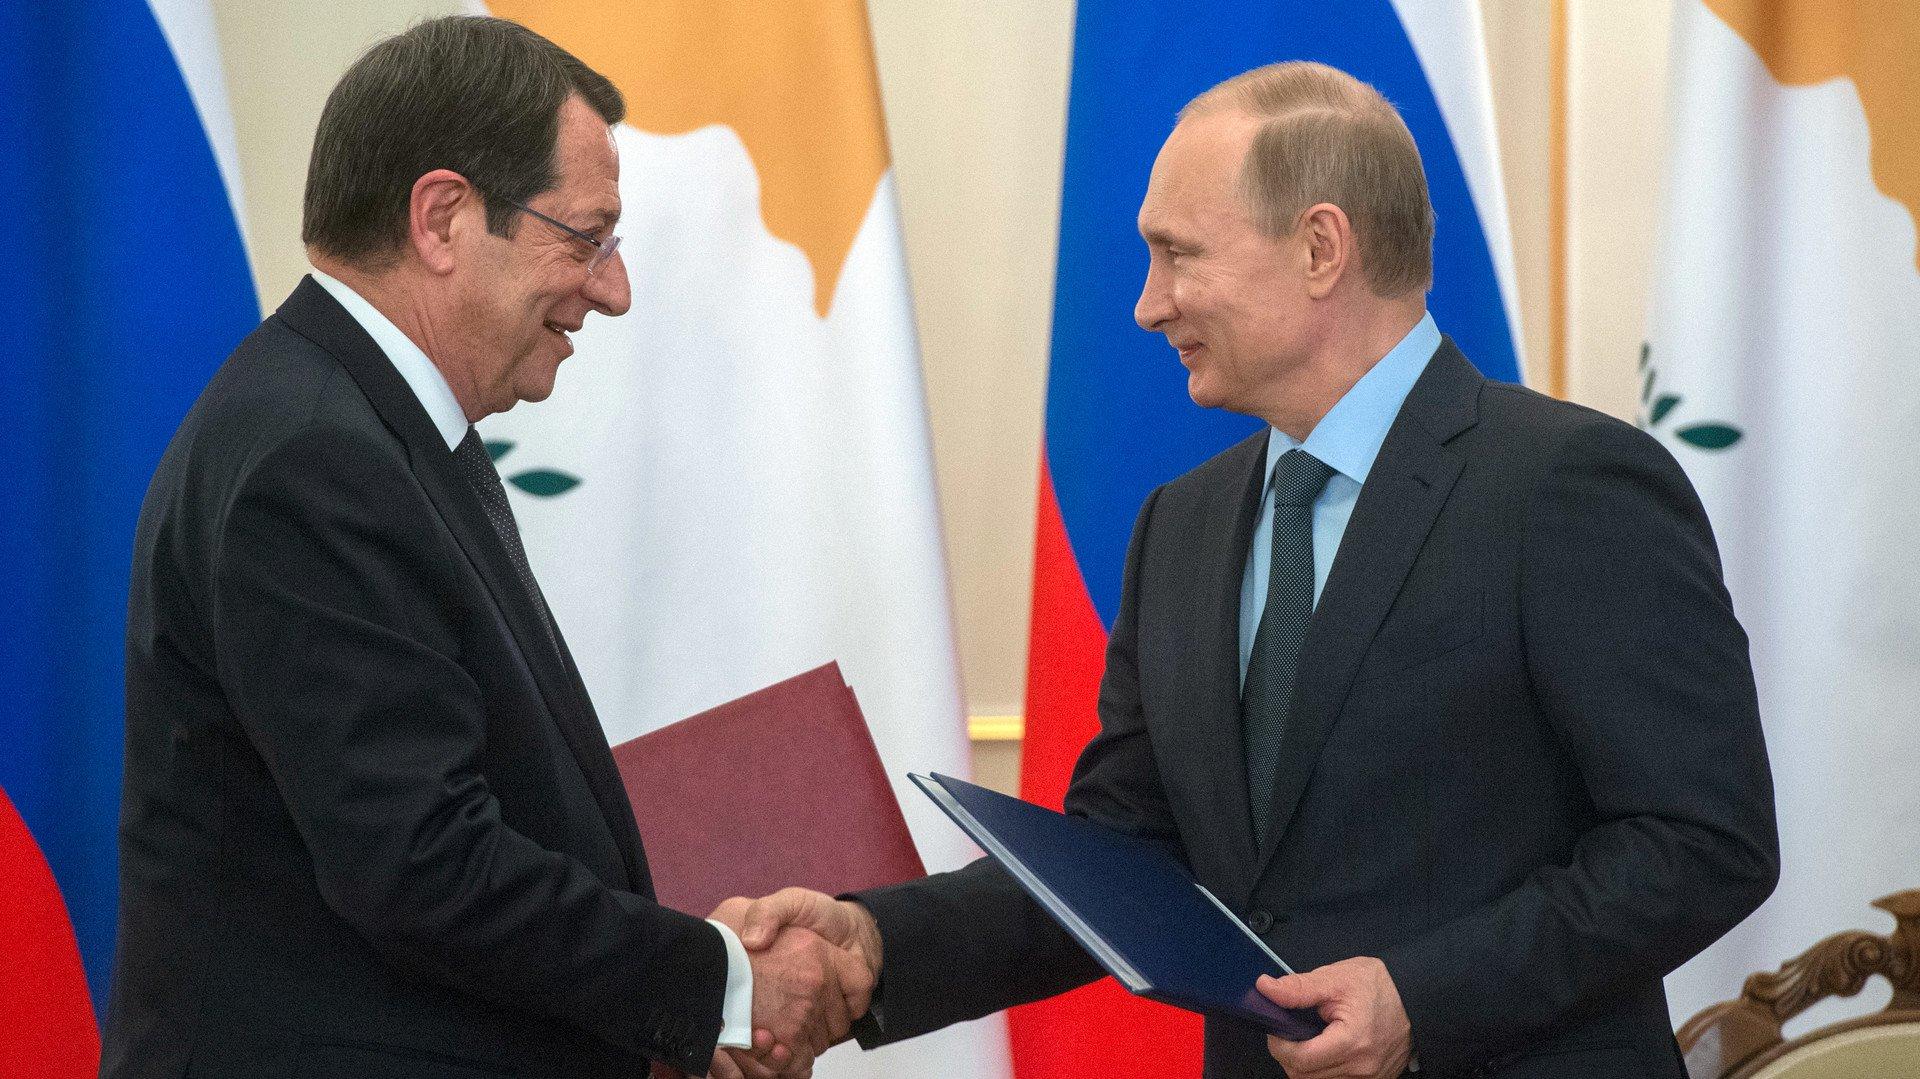 L'armée russe conserve le droit d'utiliser des ports chypriotes malgré l'inquiétude européenne